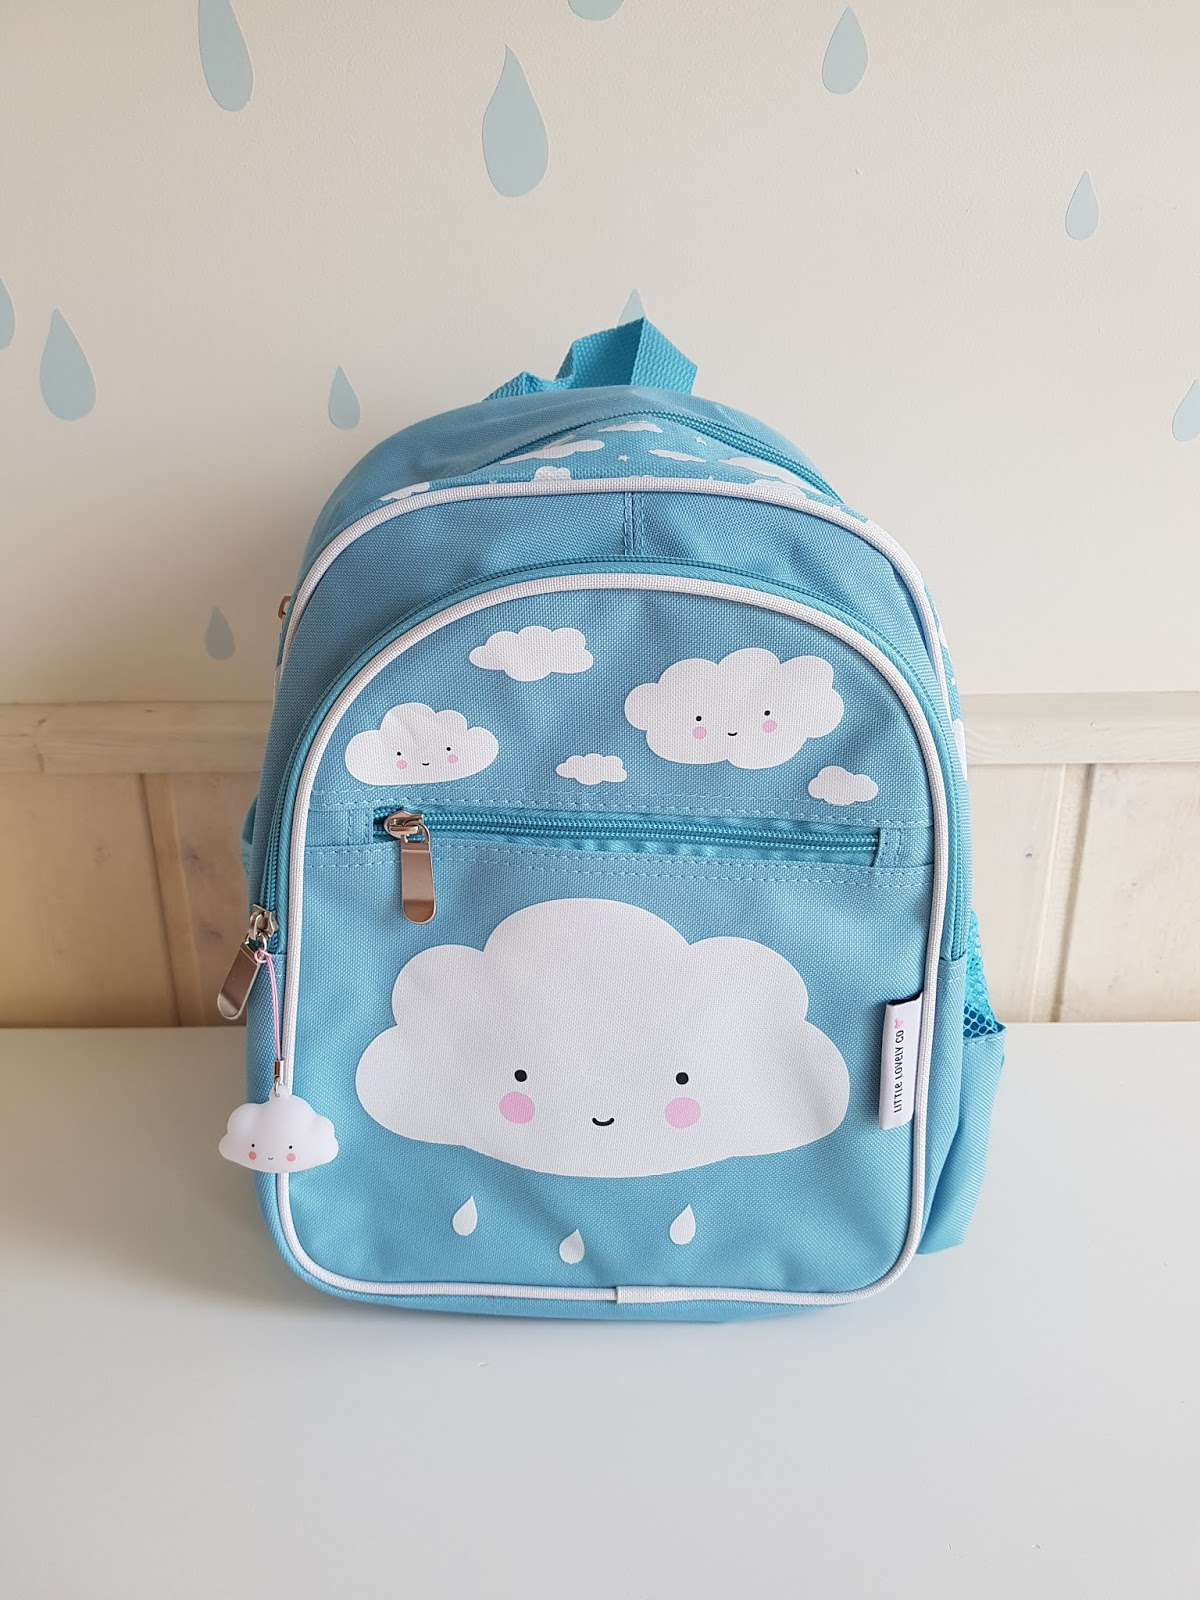 4ba5d2120955c Czy ktoś sobie wyobraża pójście do przedszkola bez plecaka? :) Mamy dwa  plecaki na tą ewentualność - niebieski z chmurką marki A Little Lovely  Company i ...